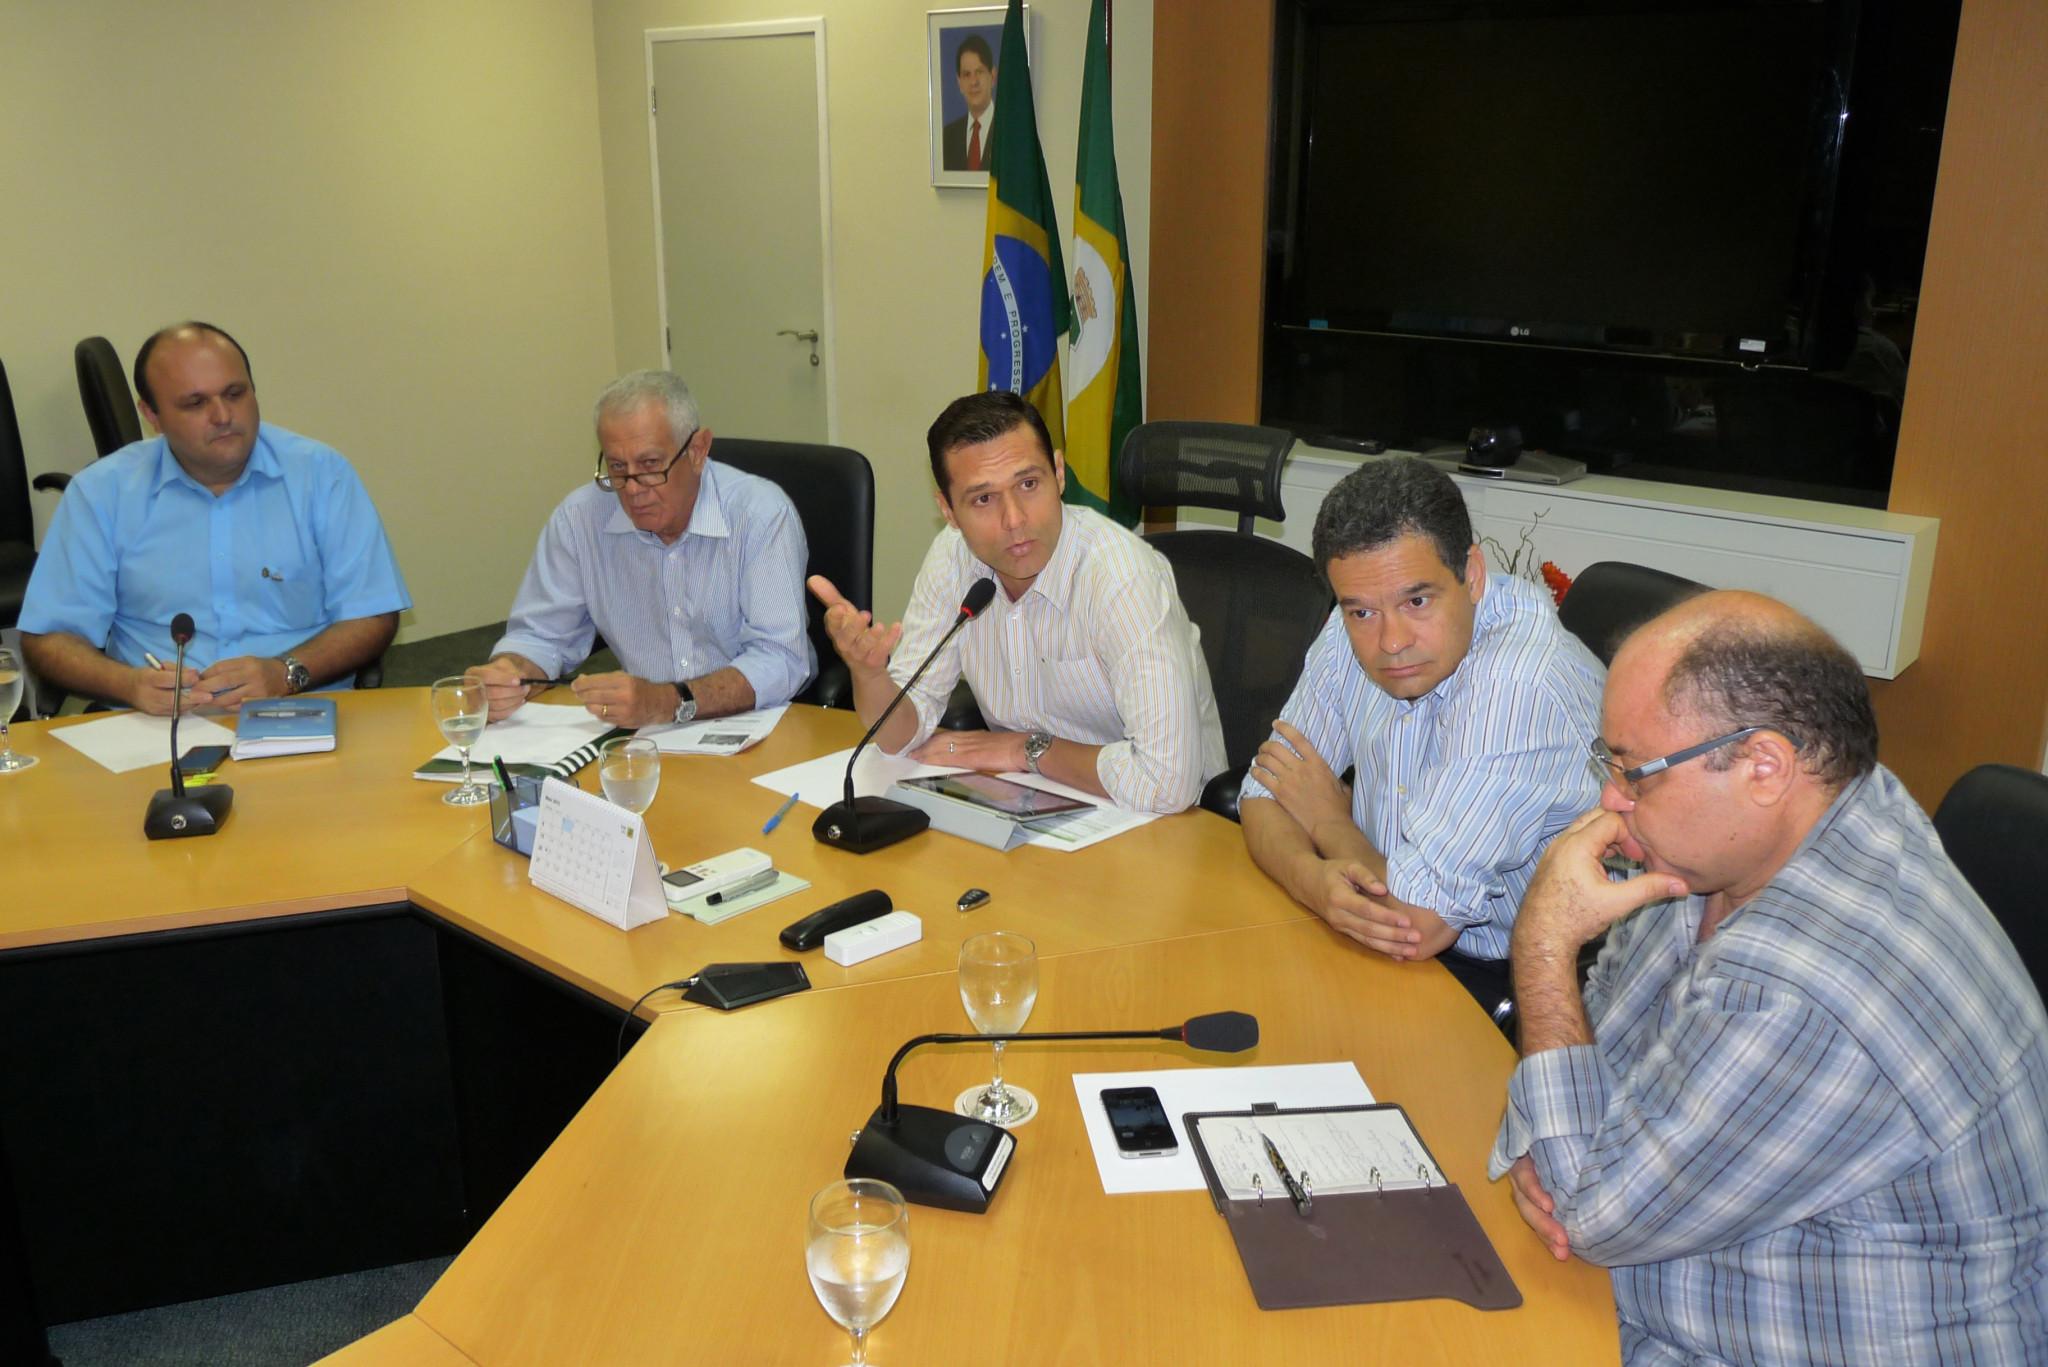 23-04-2012 - Grupo Meio Ambiente - Sala de Reunião Seplag (12)